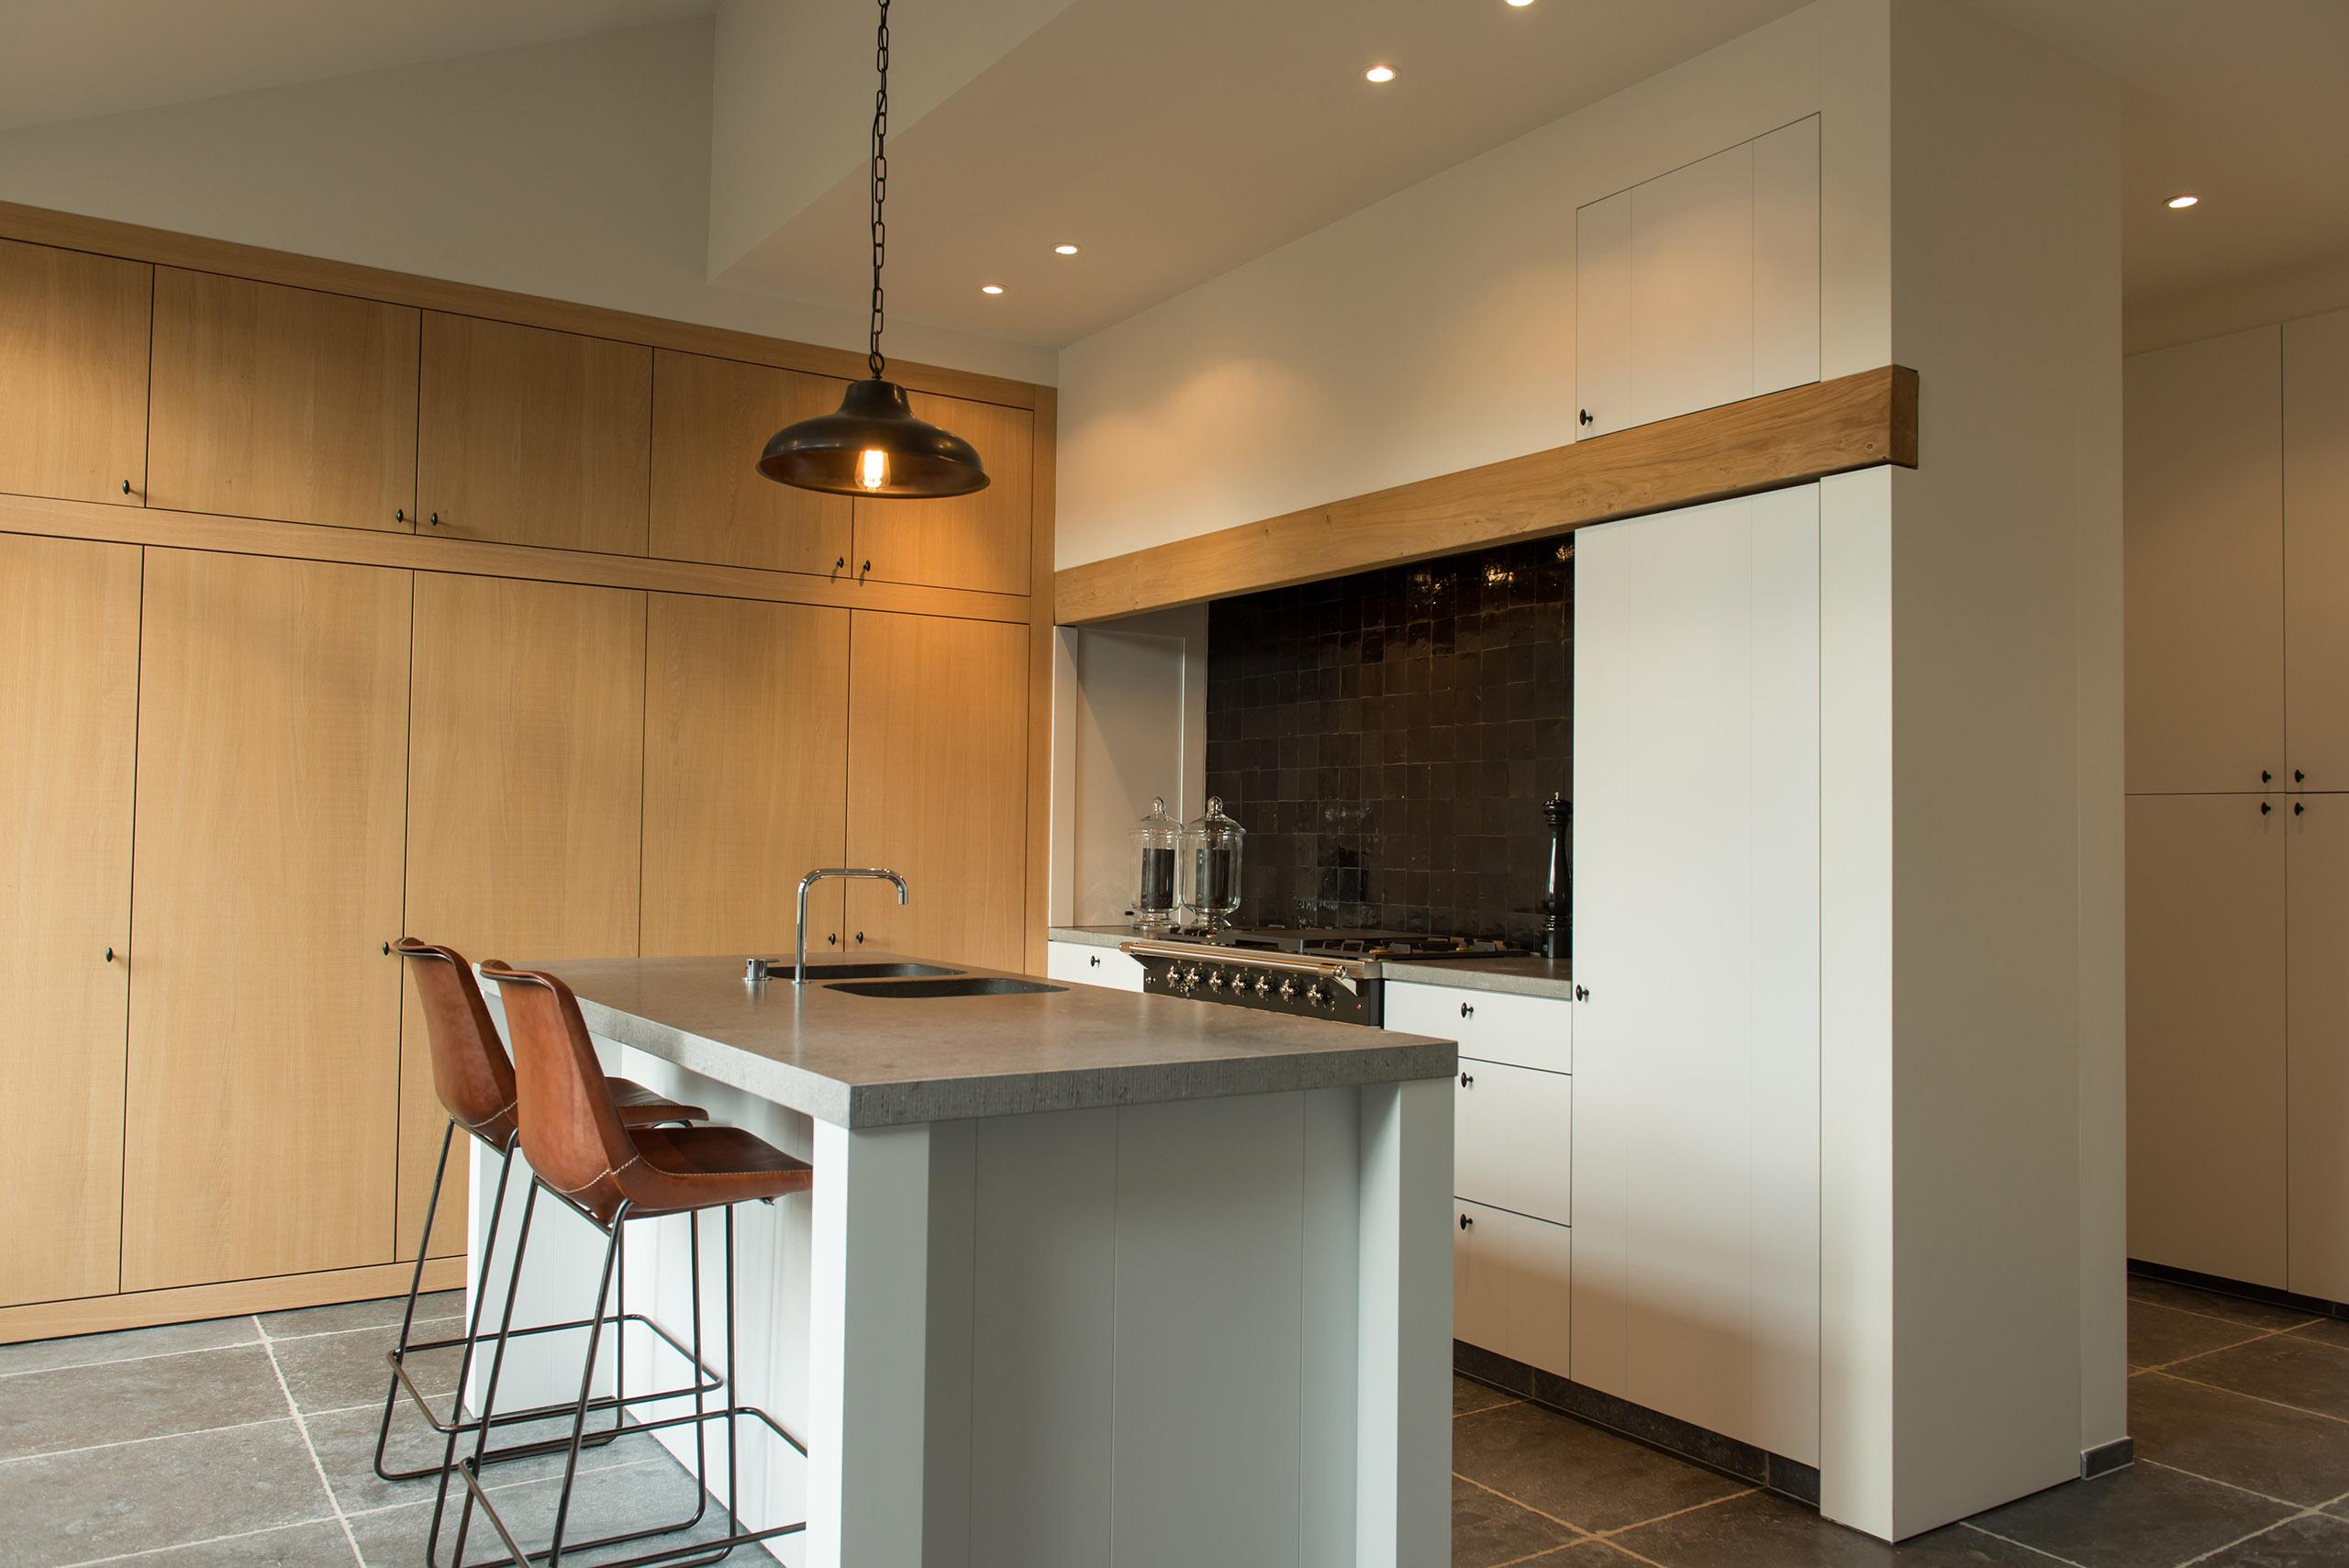 Keuken Blauwe Steen : Landelijke keuken met strakke lijnen. Combinatie werkblad in blauwe